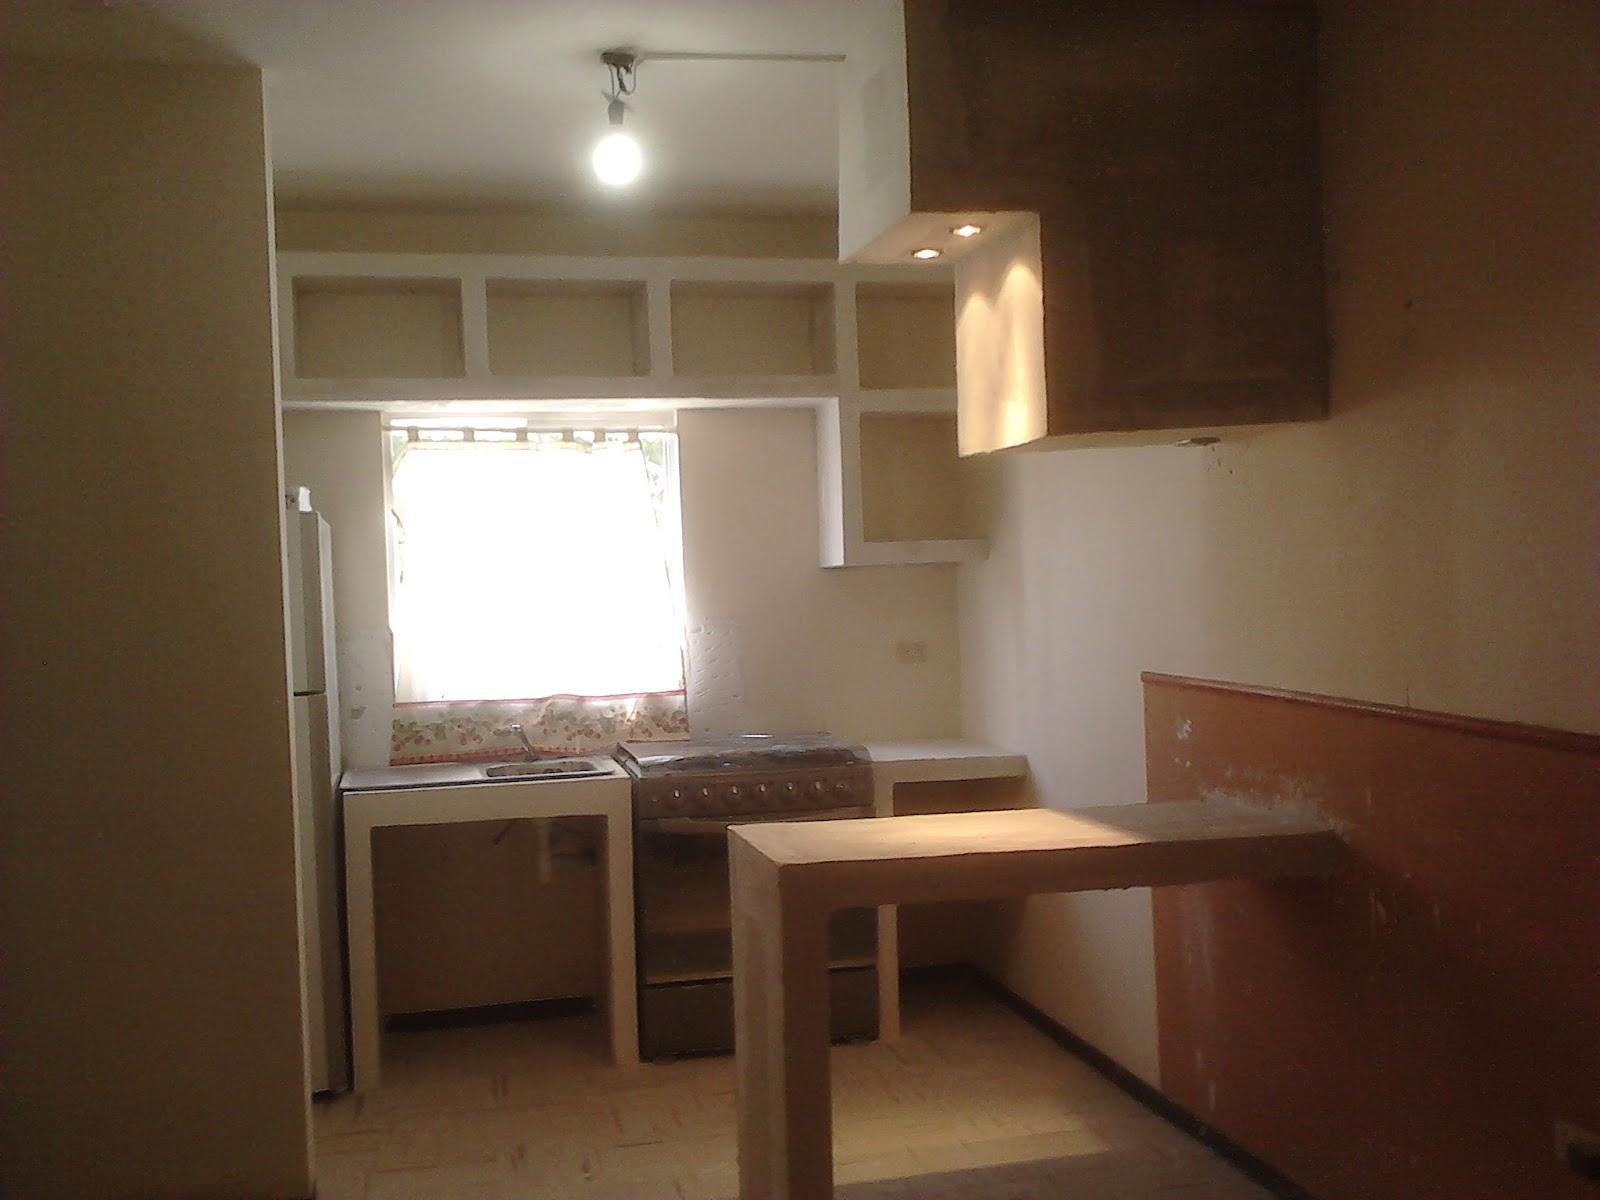 Tablaroca Casa Multiservicios Julio 2012